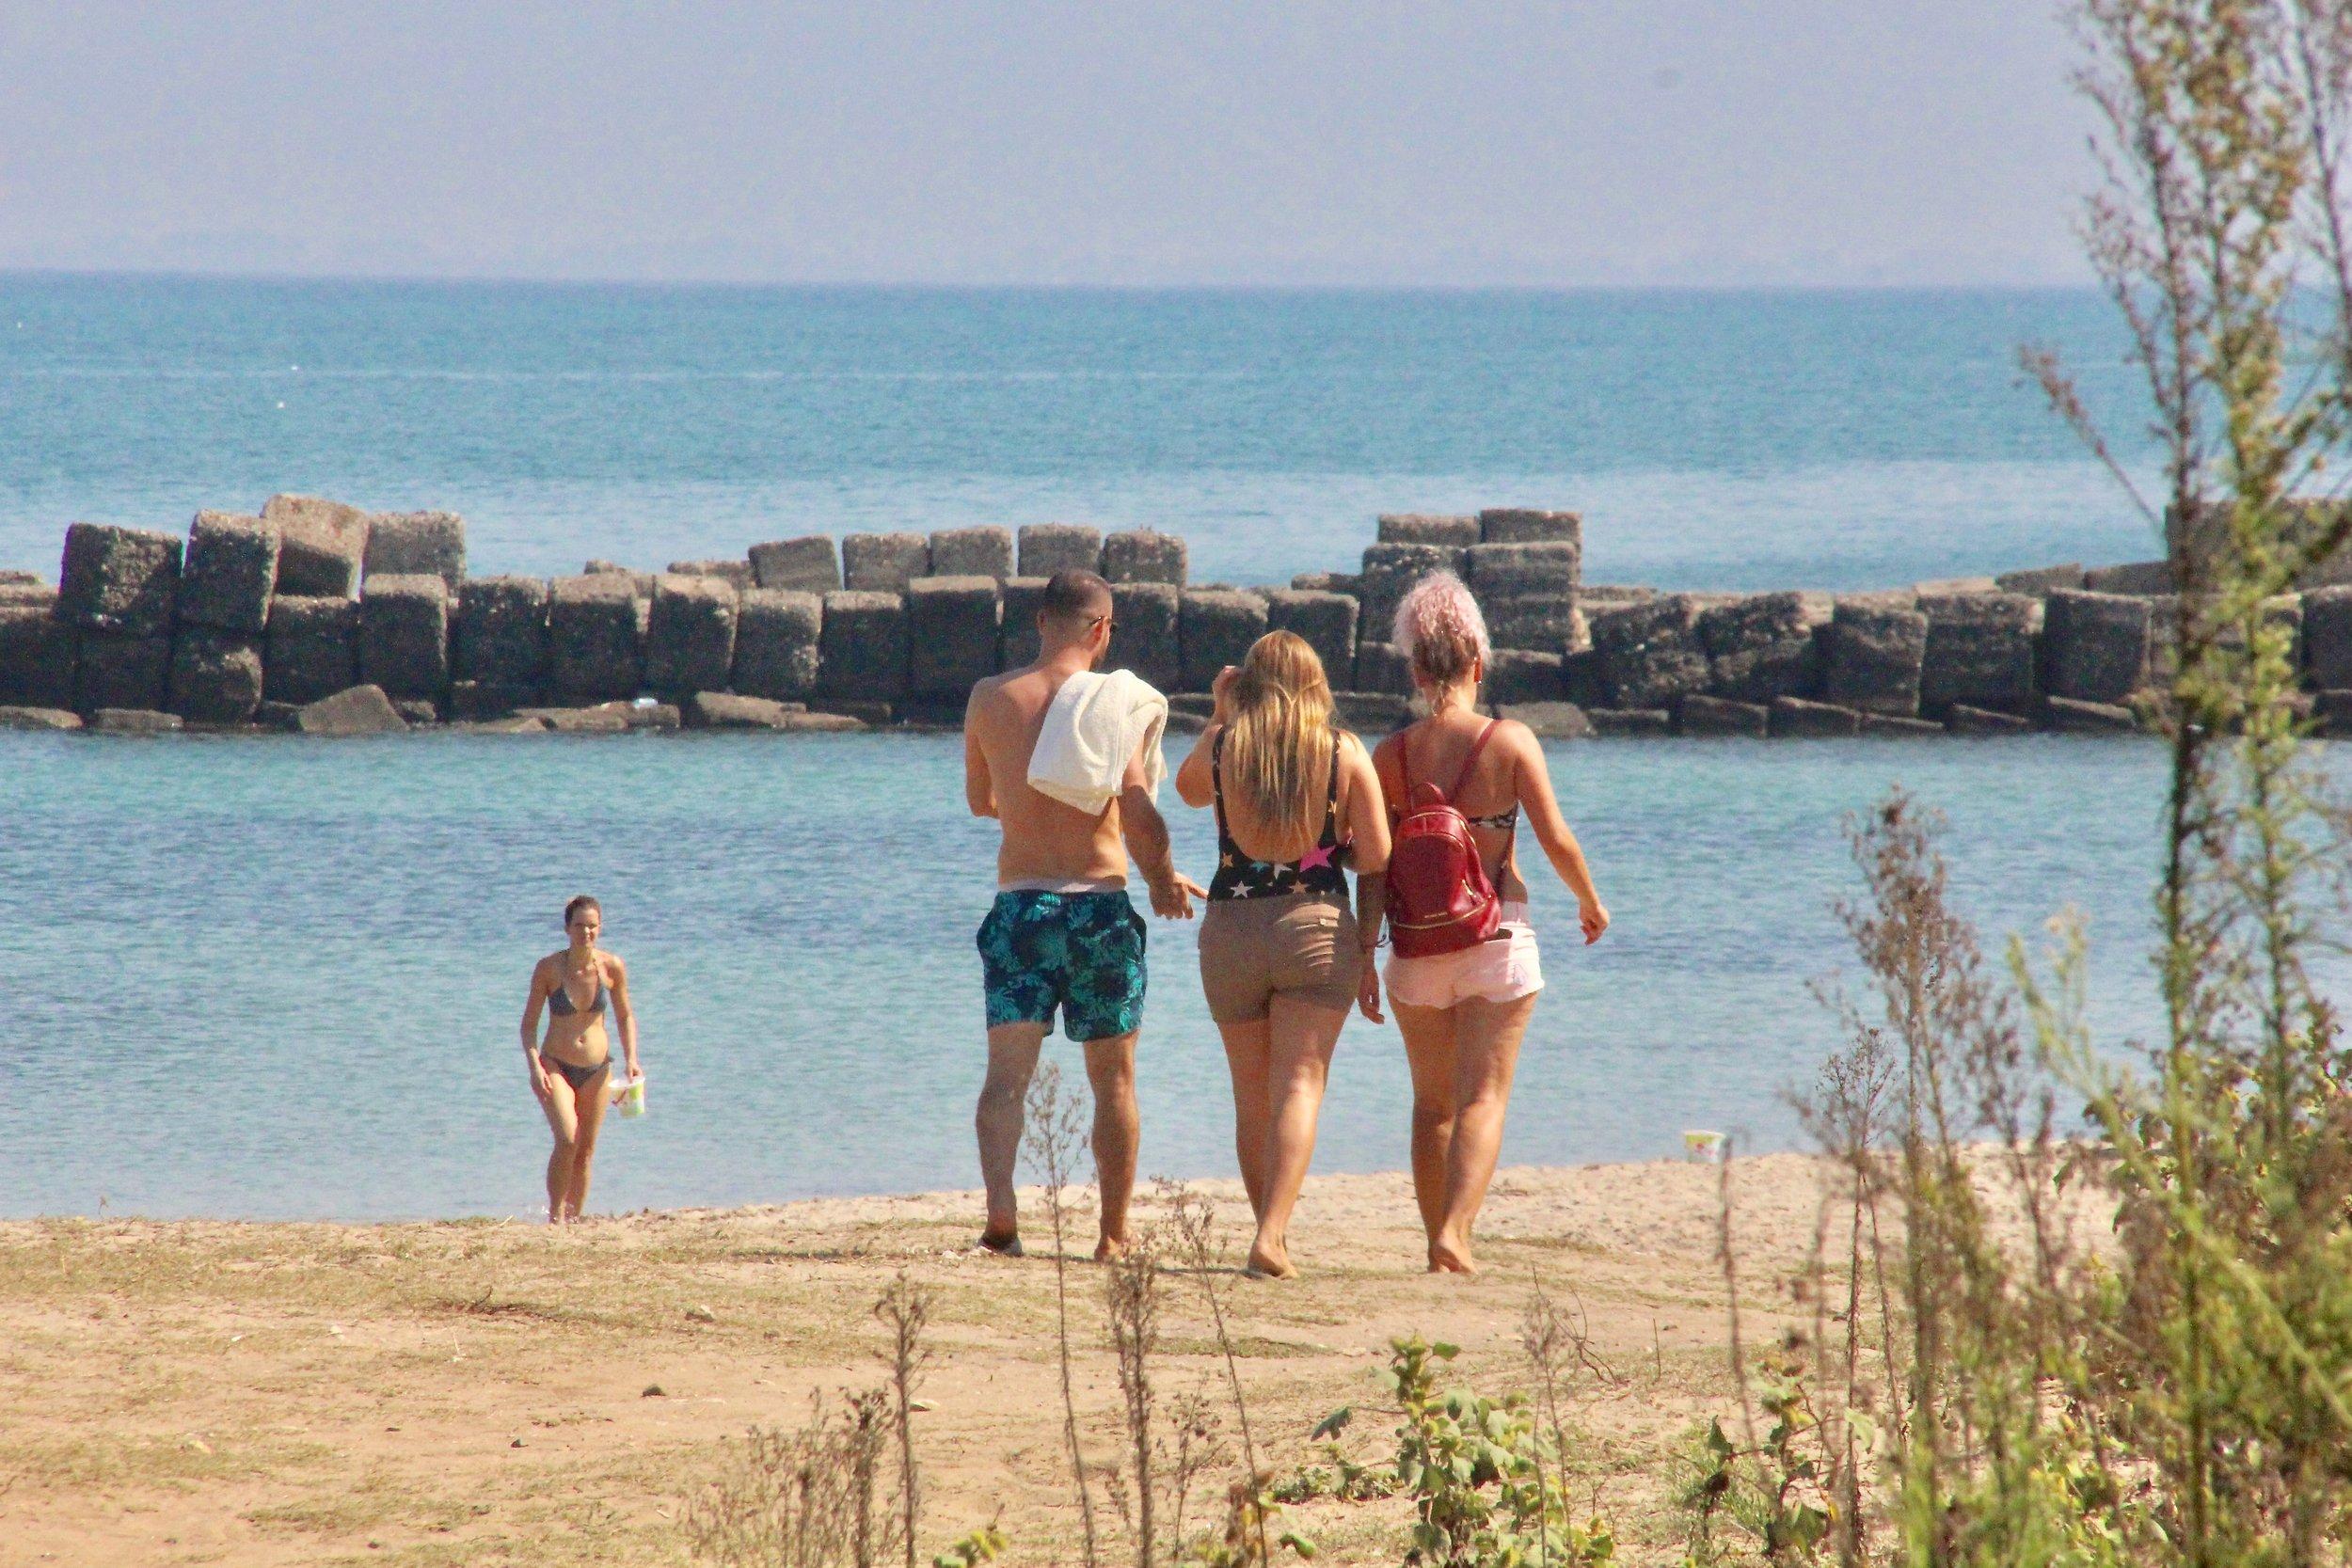 Med smarte tips kan du ha en god og trygg sommerferie. Foto: Odd Roar Lange